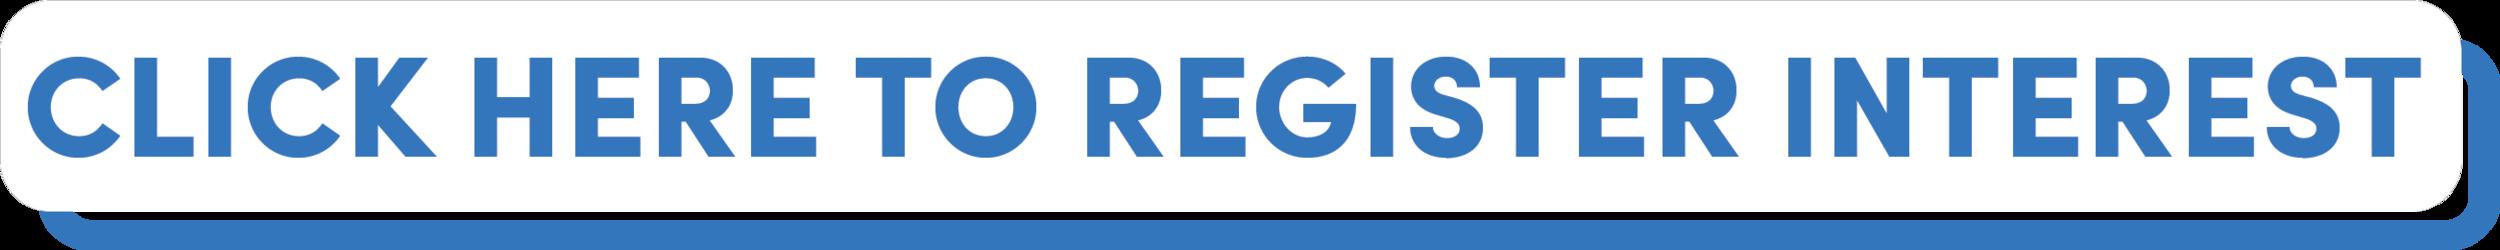 Register Interest HP.png